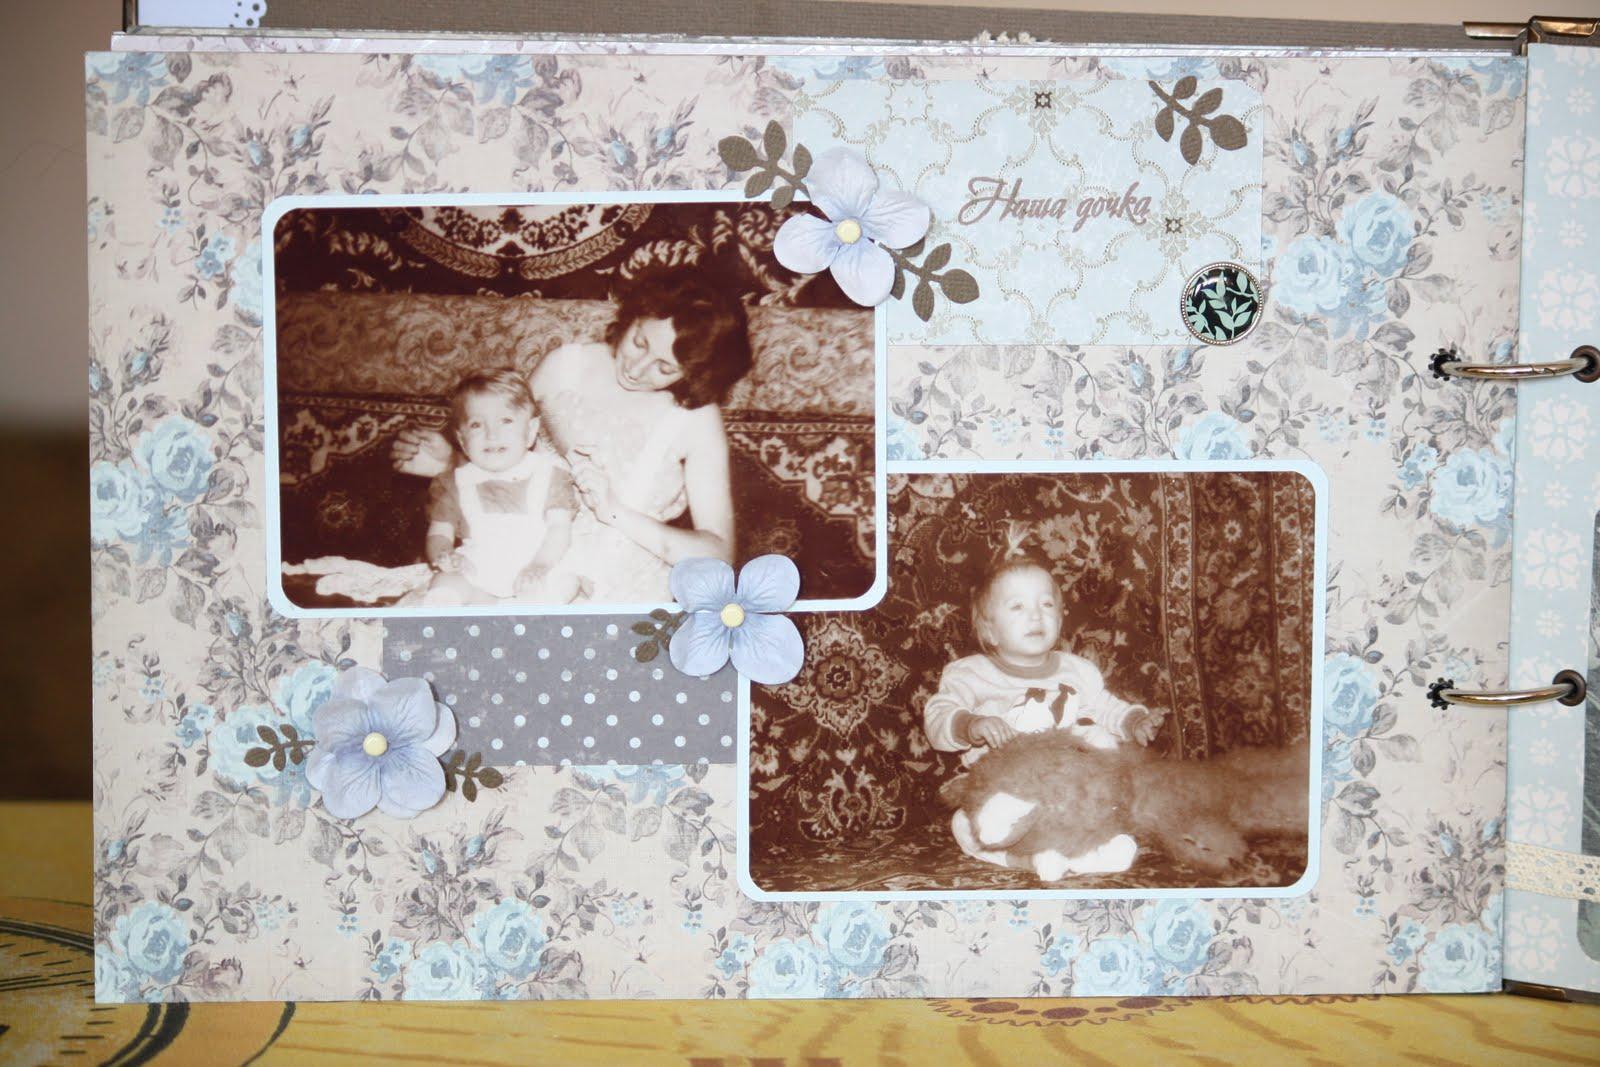 Фотоальбом для женщин, Любимая :: Галерея альбомов фотографий 8 фотография